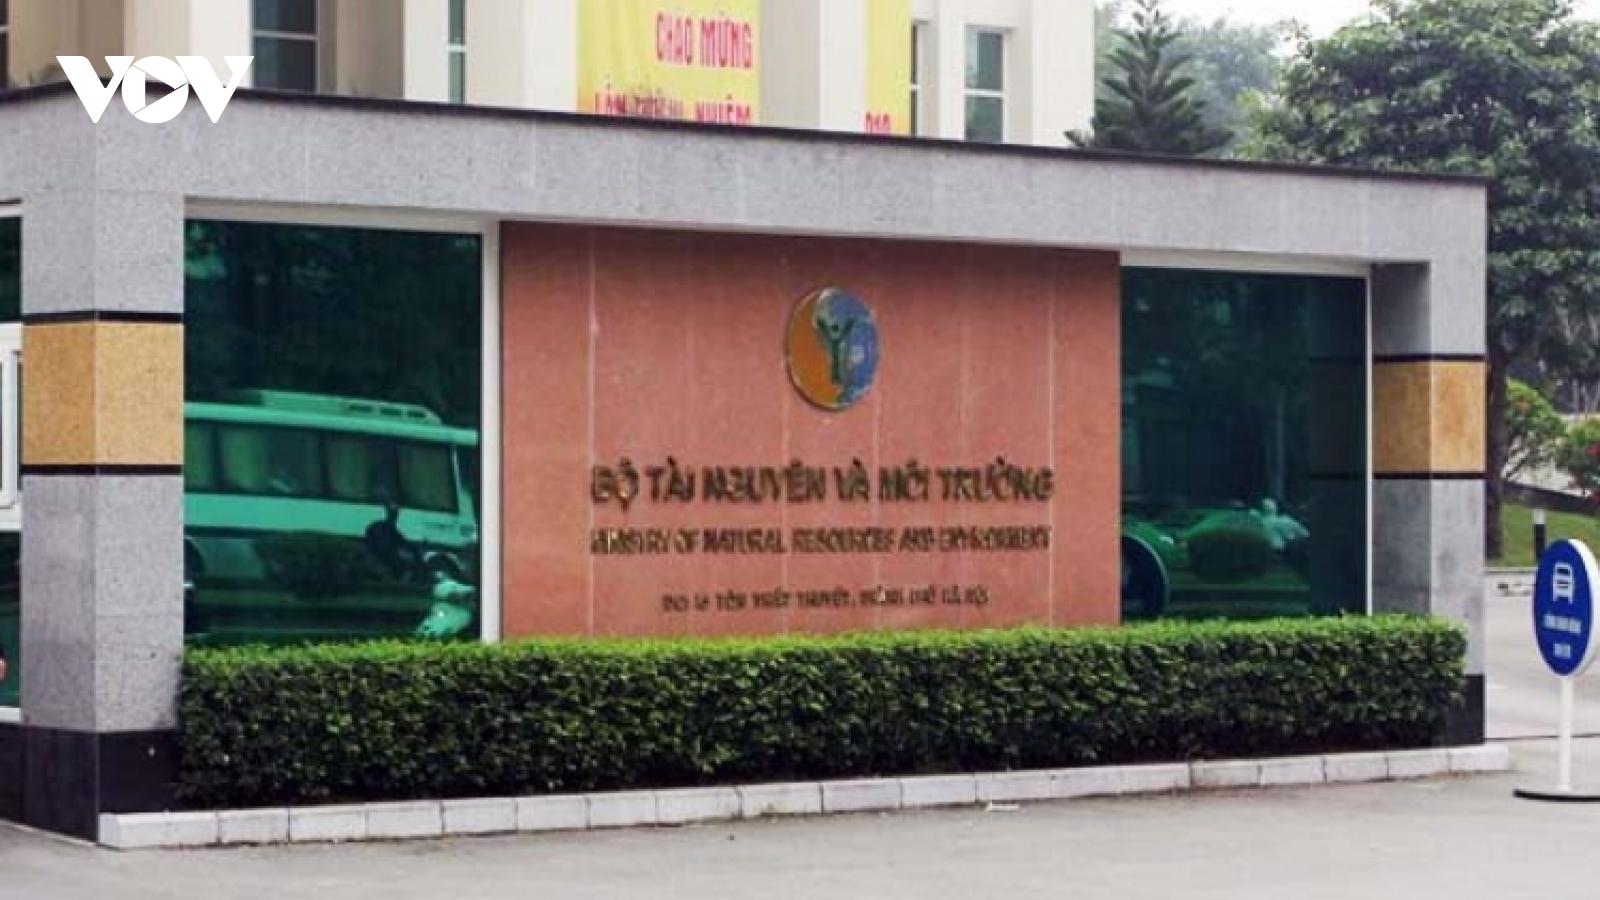 Thủ tướng yêu cầu Bộ TN&MT giải thích nguyên nhân tăng số lượng Tổng cục